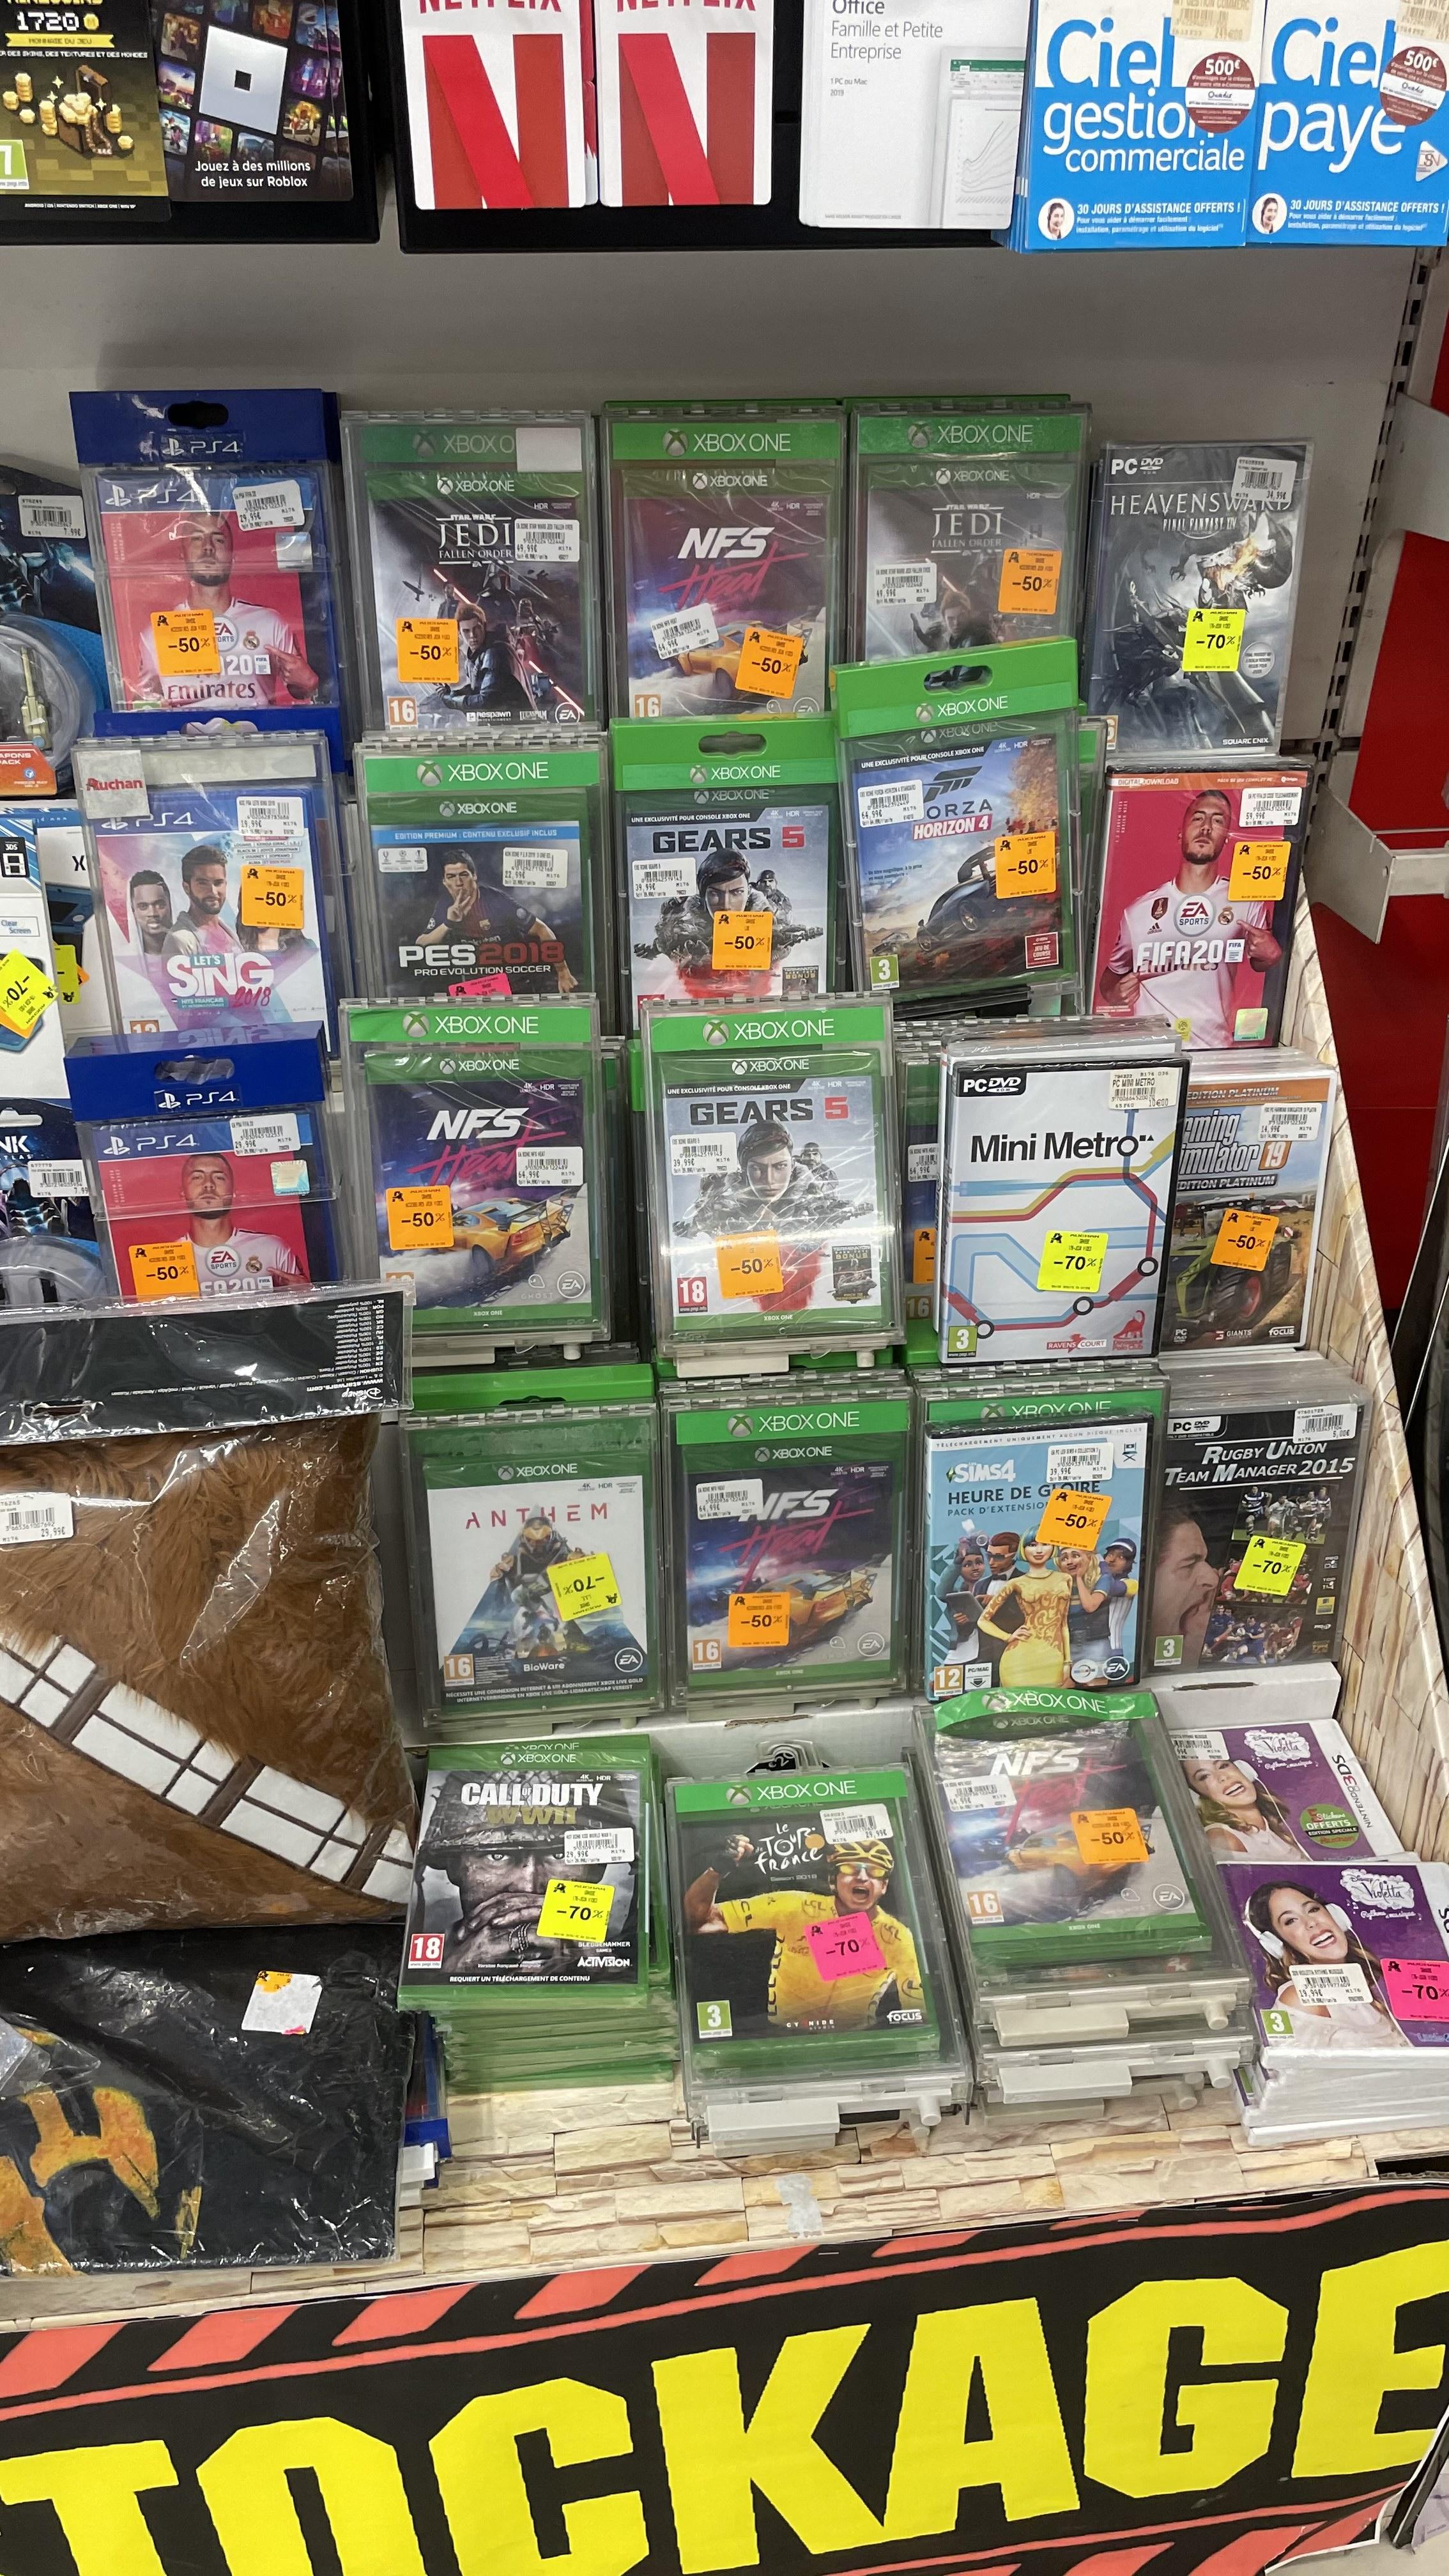 Sélection de Jeux Xbox, PC ou PS4 en promotion - Ex : Jedi Fallen Order sur Xbox One - Auchan de Grasse (06)